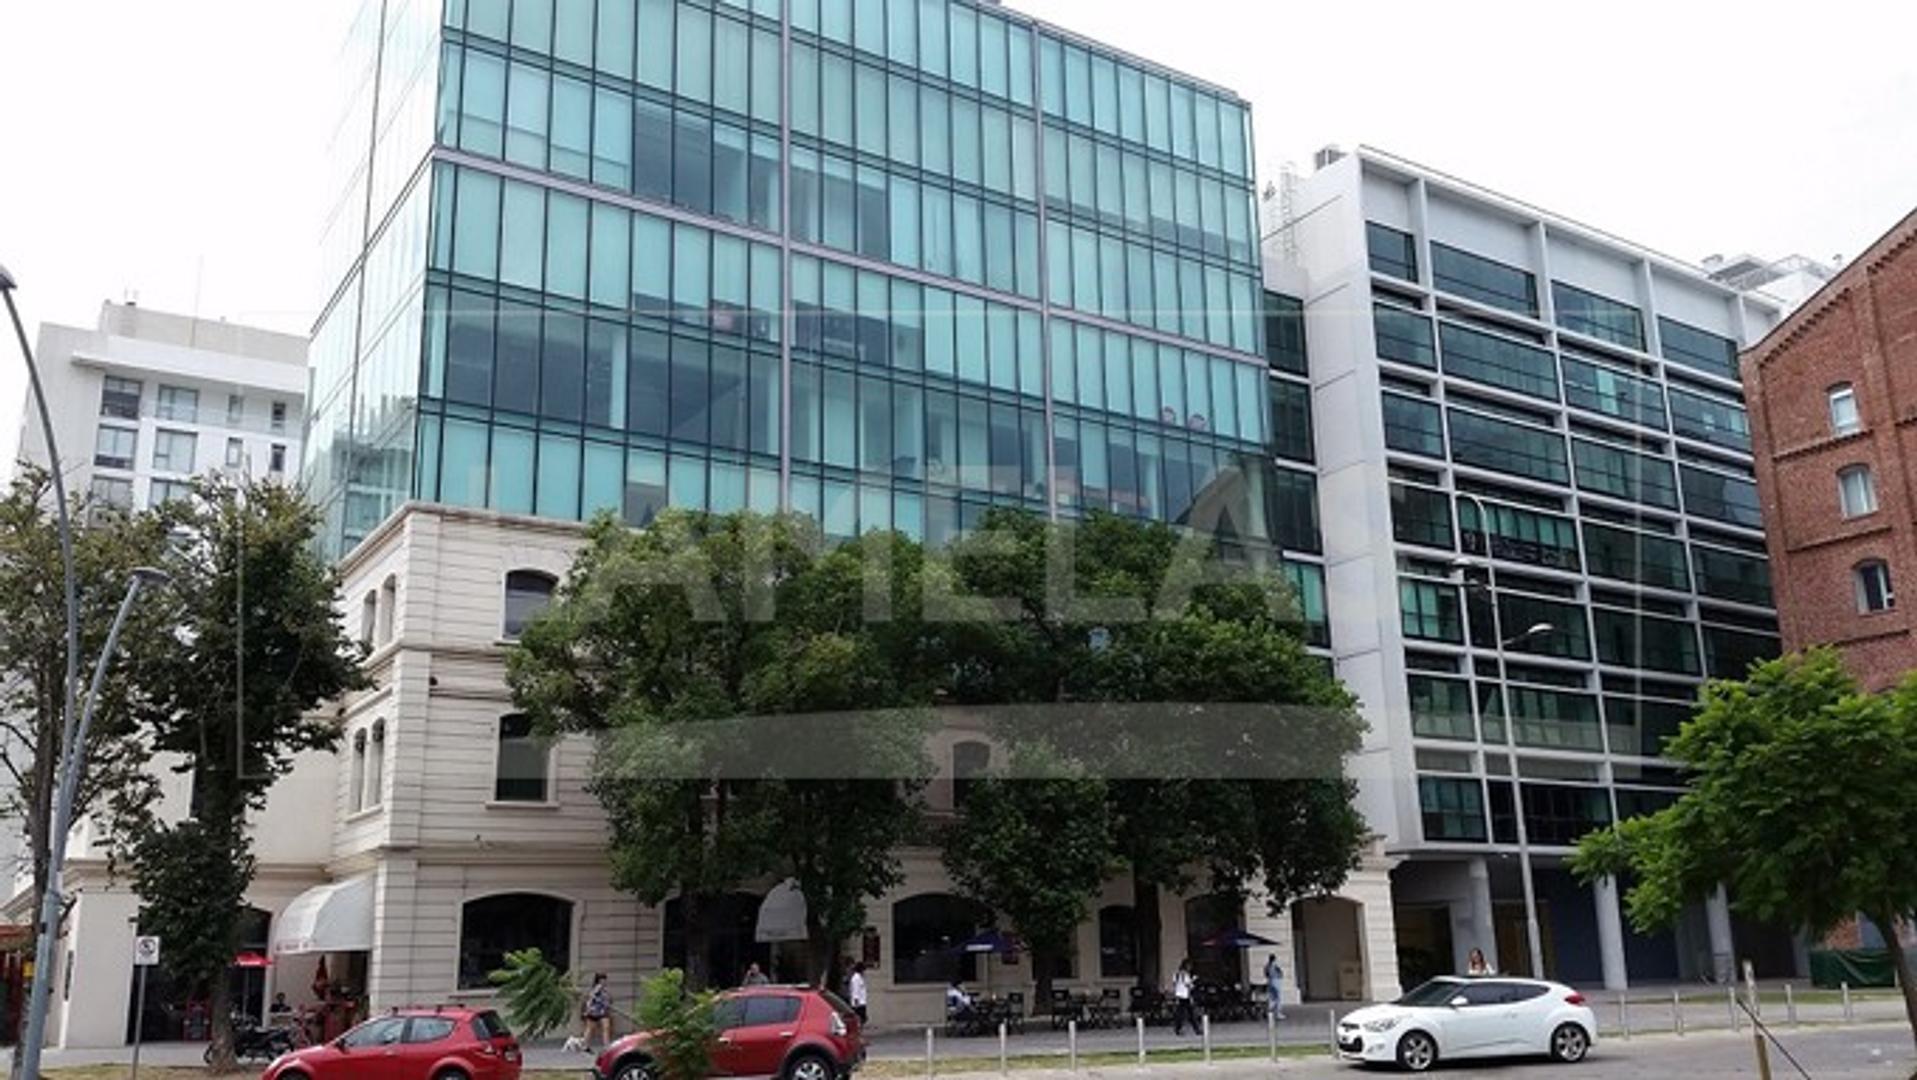 FORUM PUERTO NORTE - Oficina - 90 m2